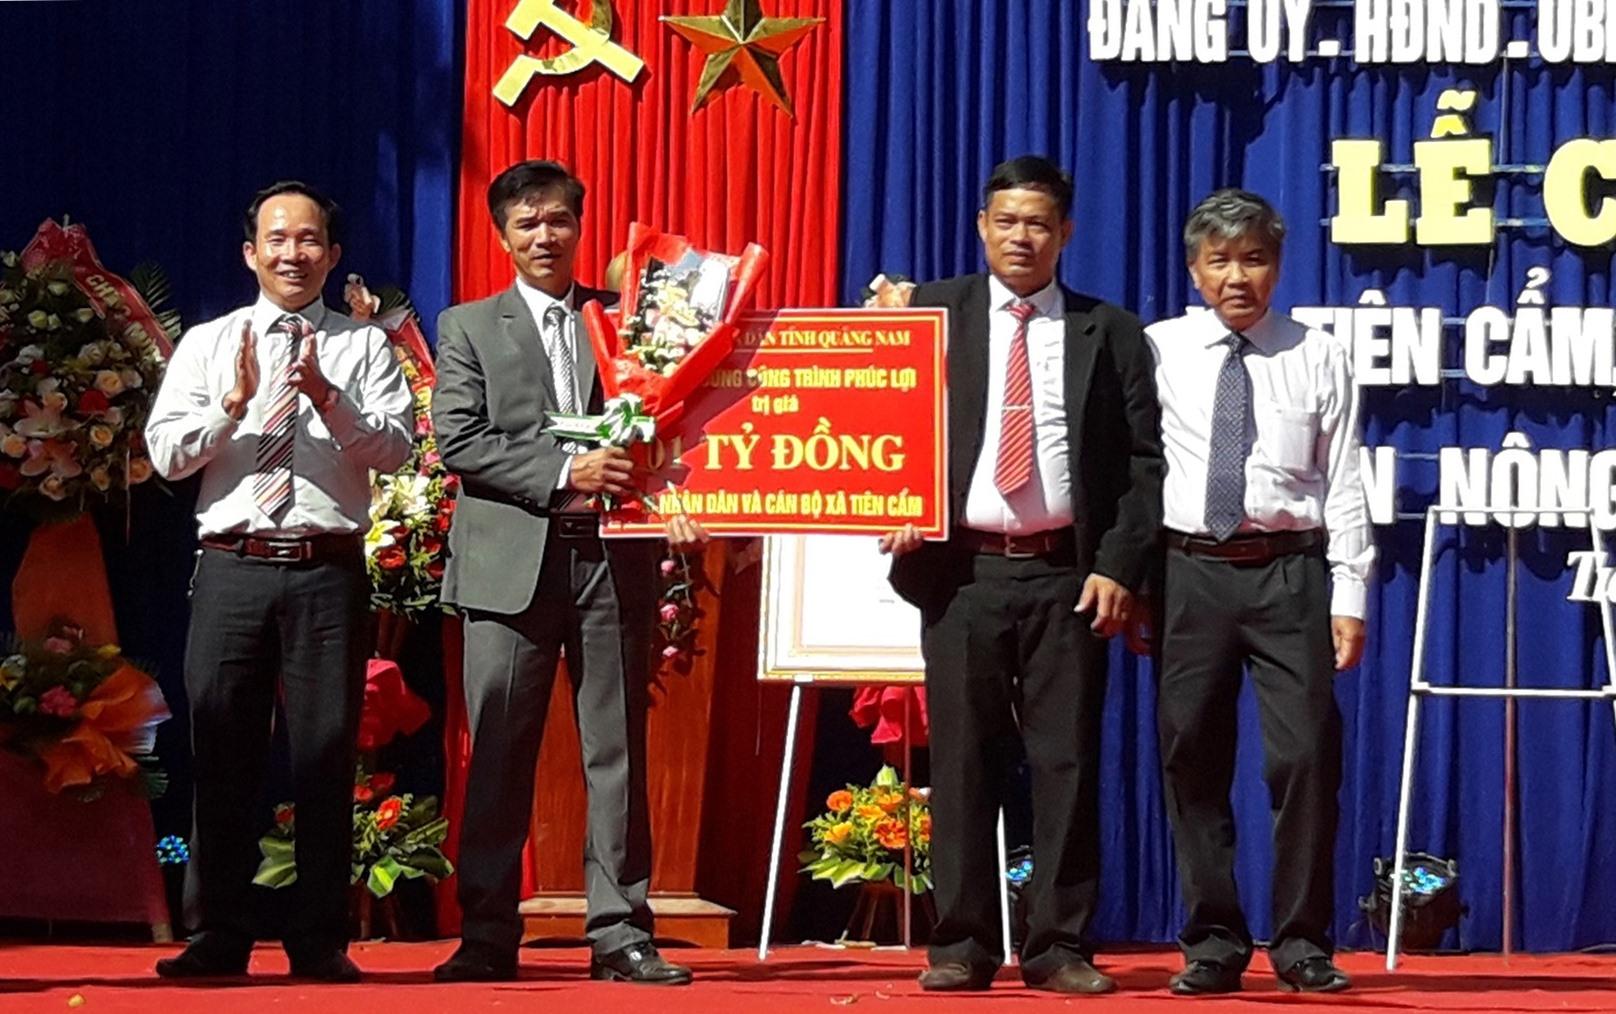 Đại diện lãnh đạo tỉnh trao phần thưởng trị giá 1 tỷ đồng cho xã Tiên Cẩm có thành tích về đích NTM sơm 1 năm so với lộ trình để xây dựng công trình phúc lợi phục vụ nhân dân.